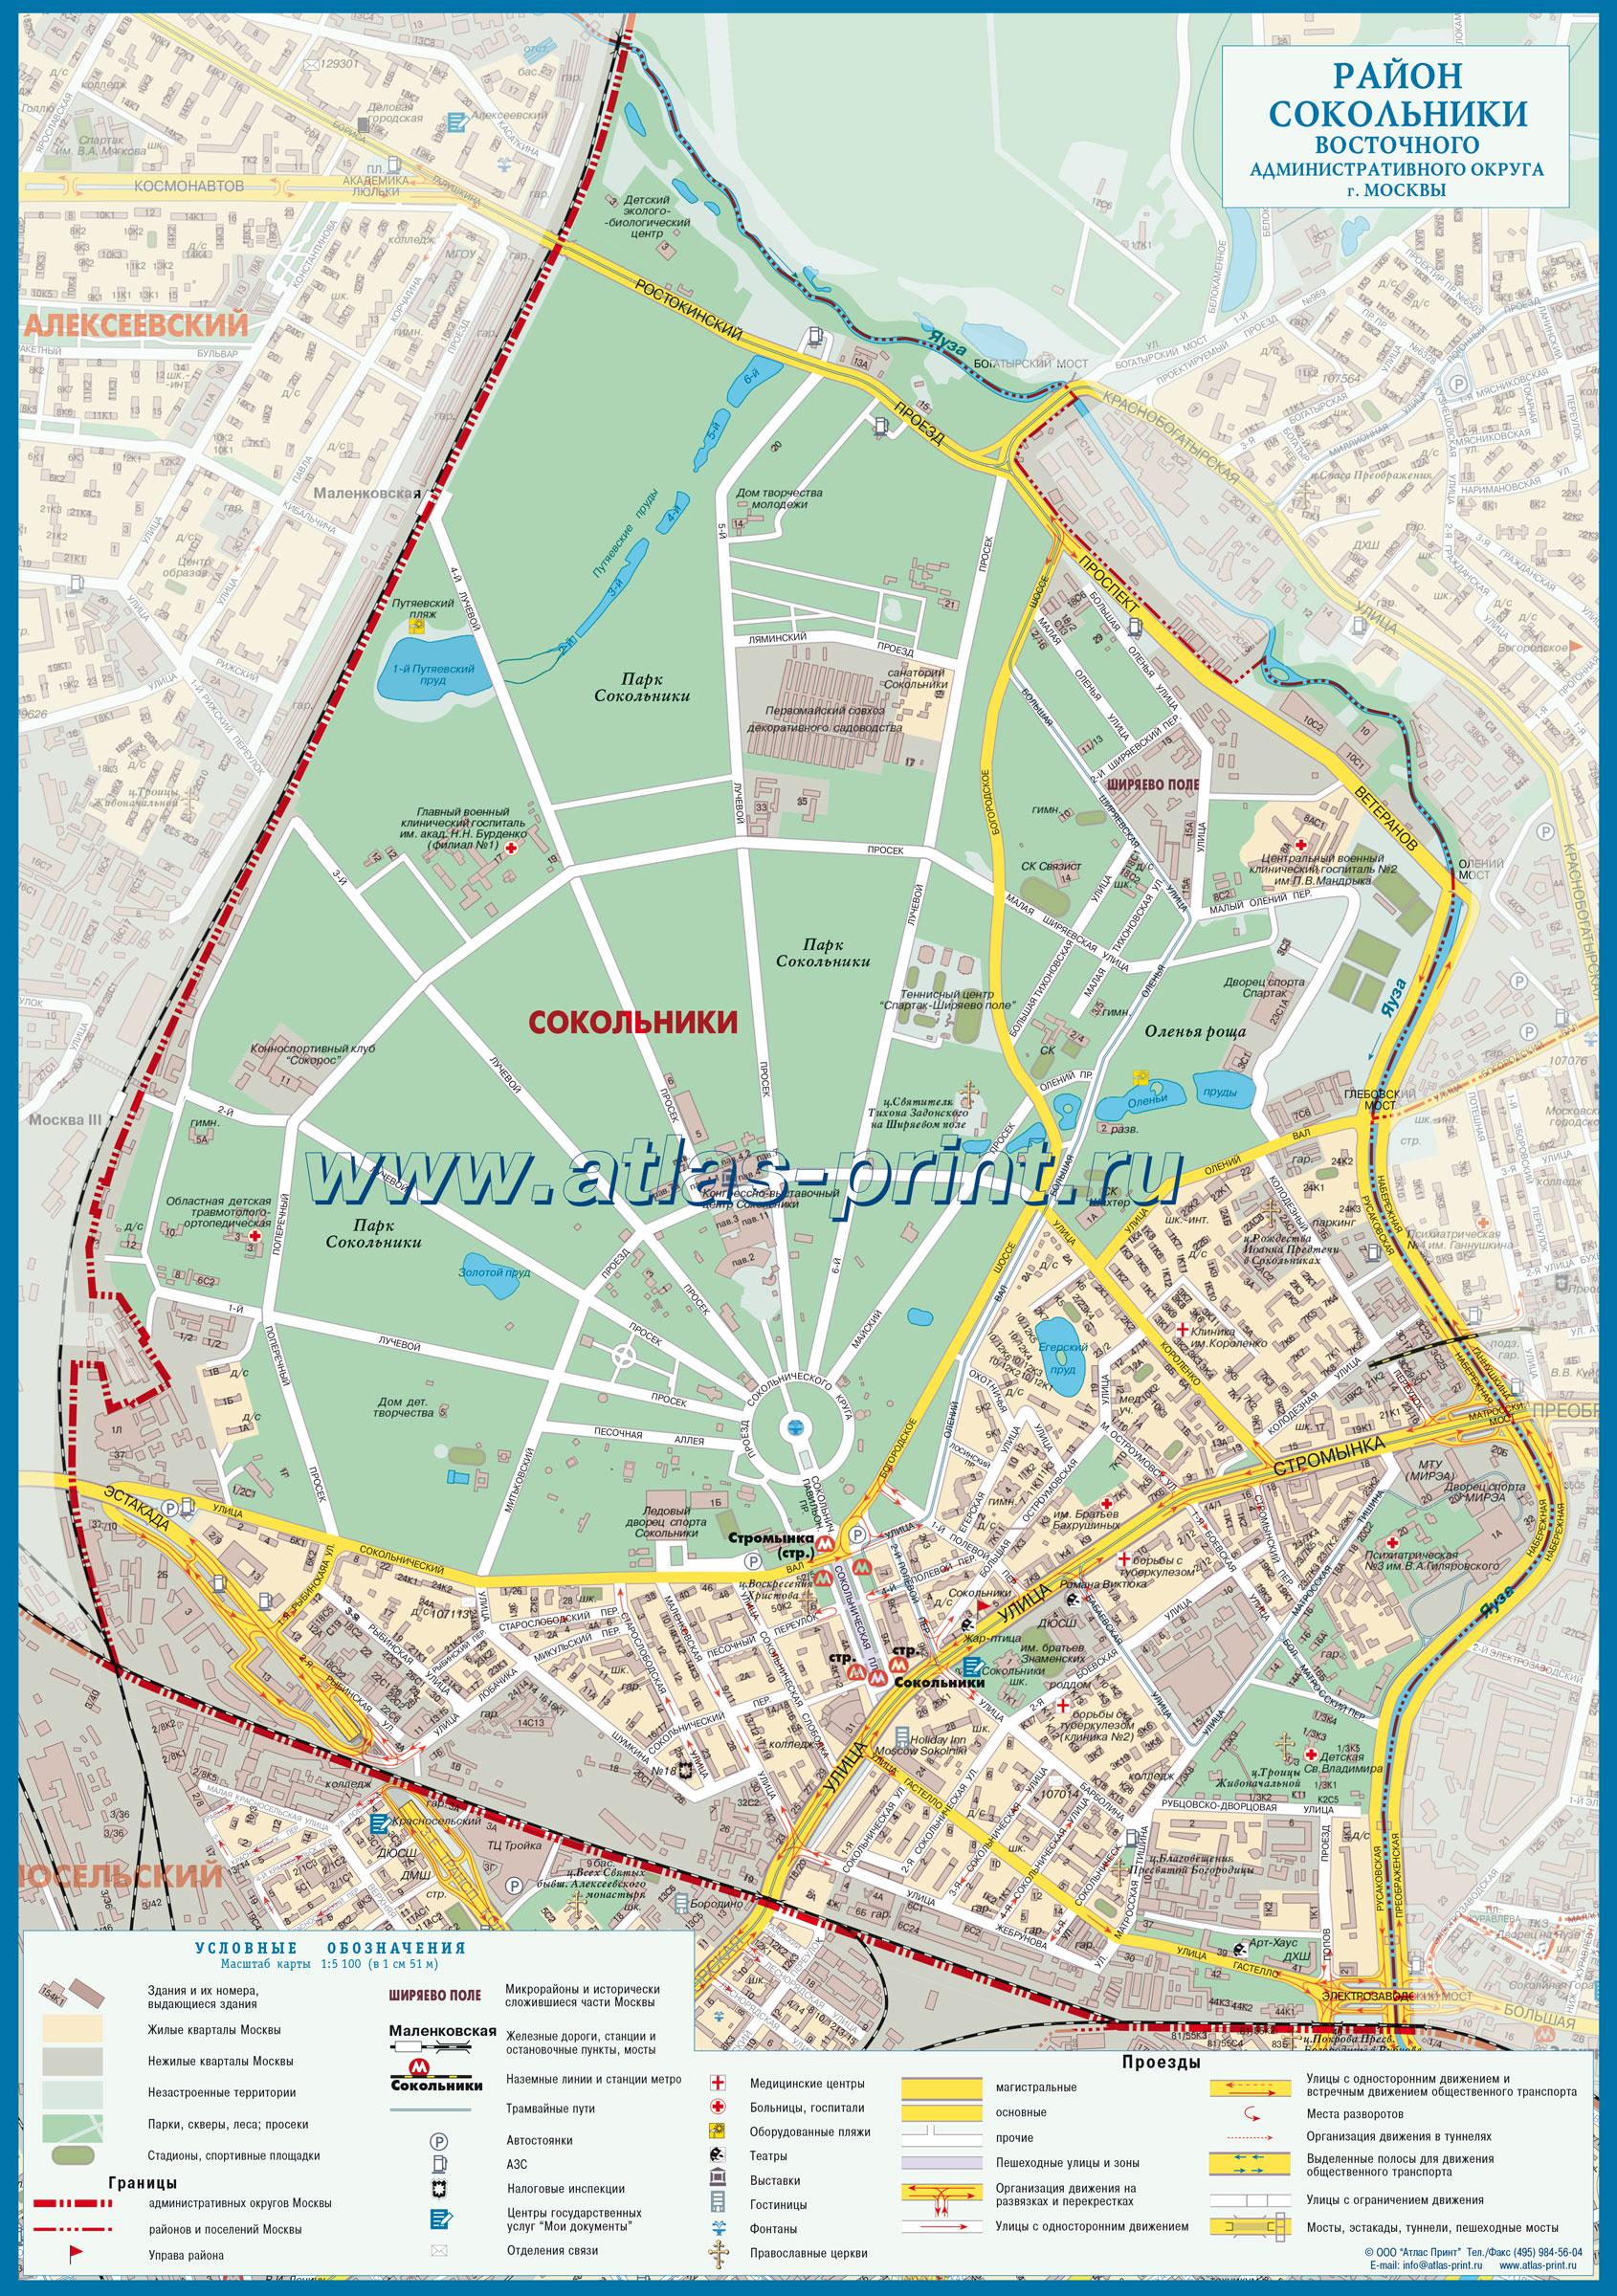 Настенная карта района СОКОЛЬНИКИ (Восточный административный округ г. Москвы) 0,70*1,00м, ламинированная